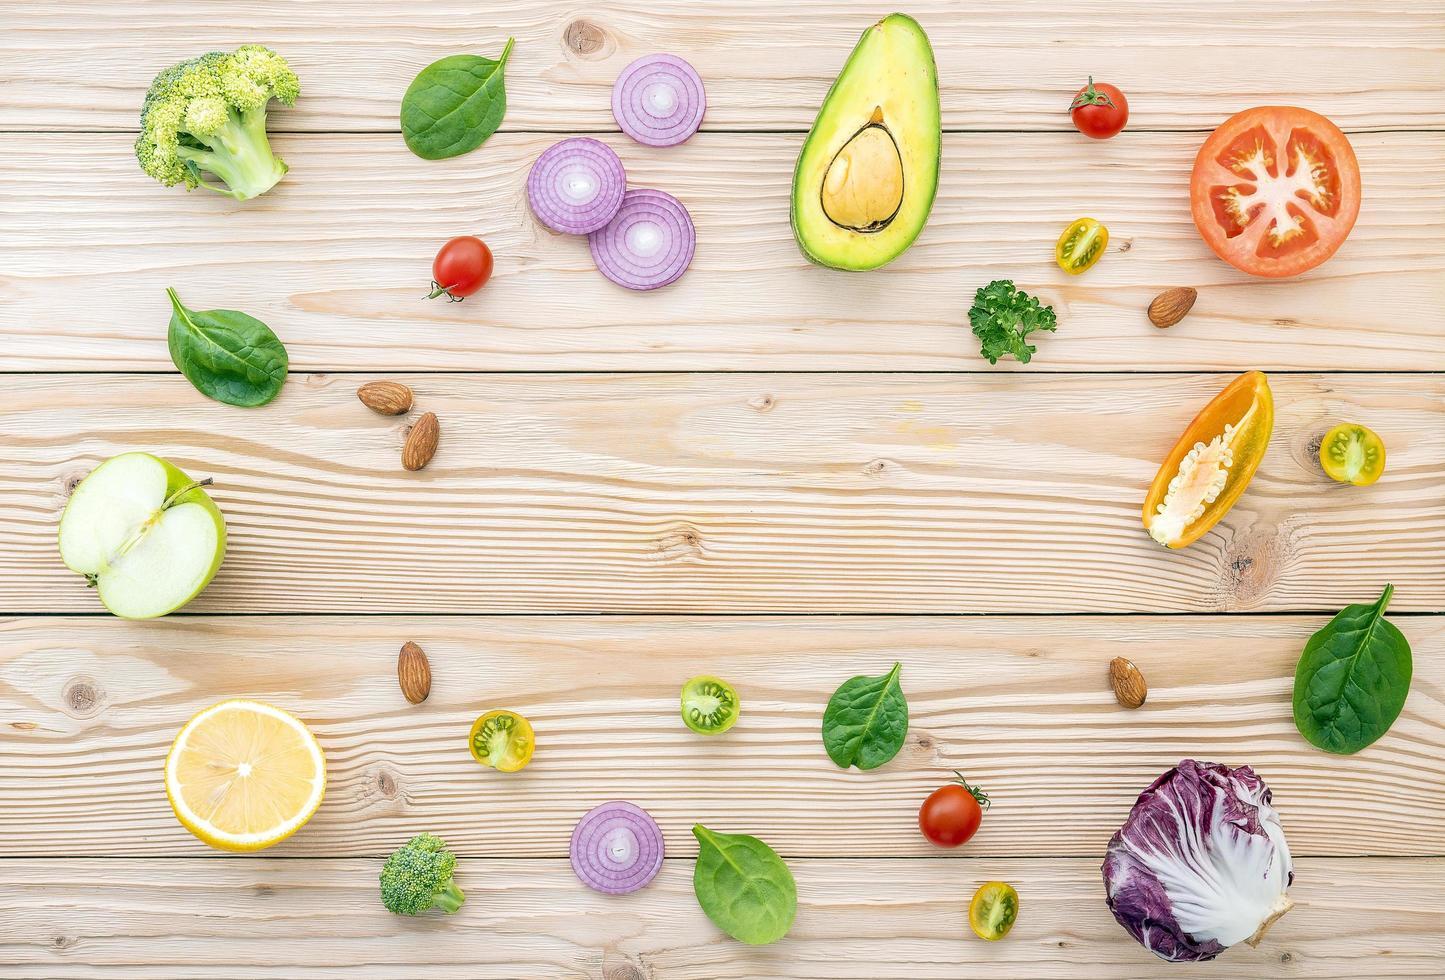 Circle of fresh ingredients photo